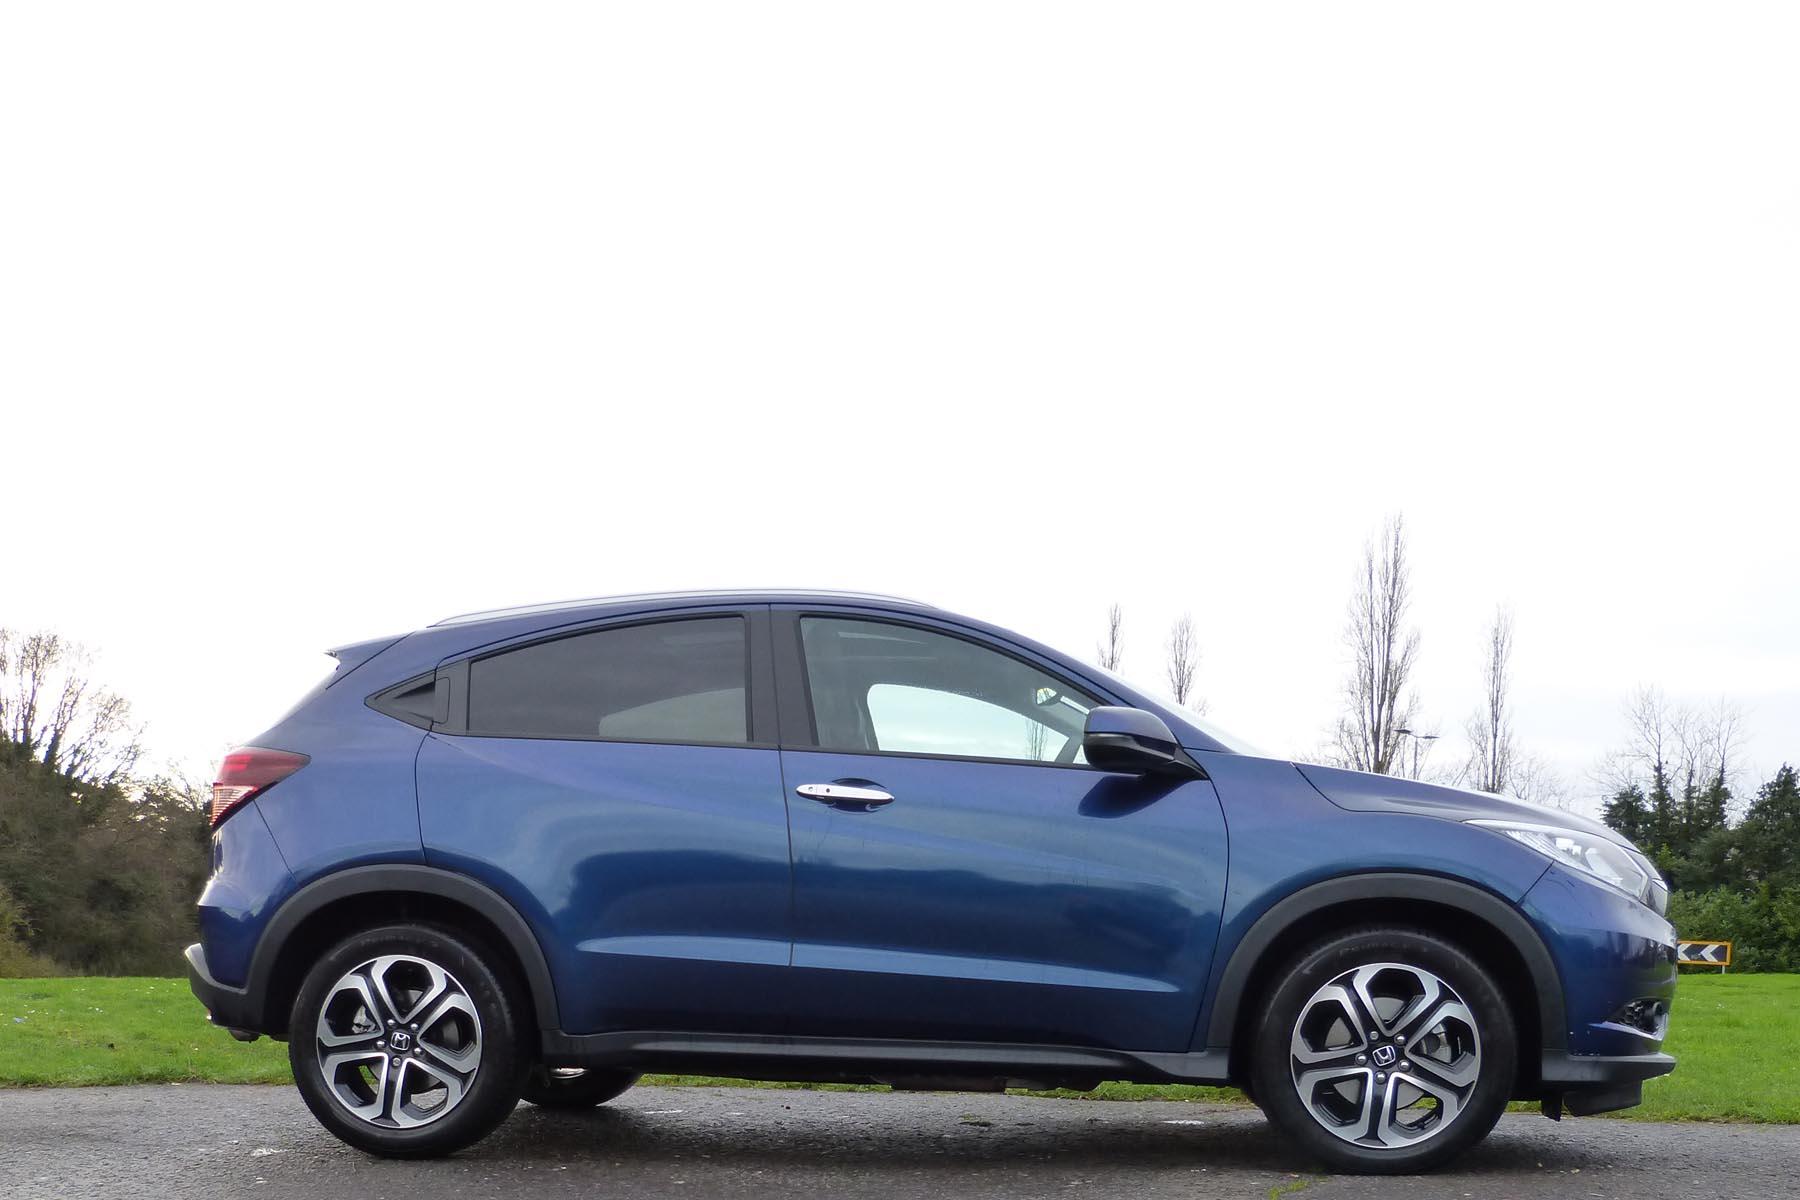 Honda HR-V long-term review: the final verdict